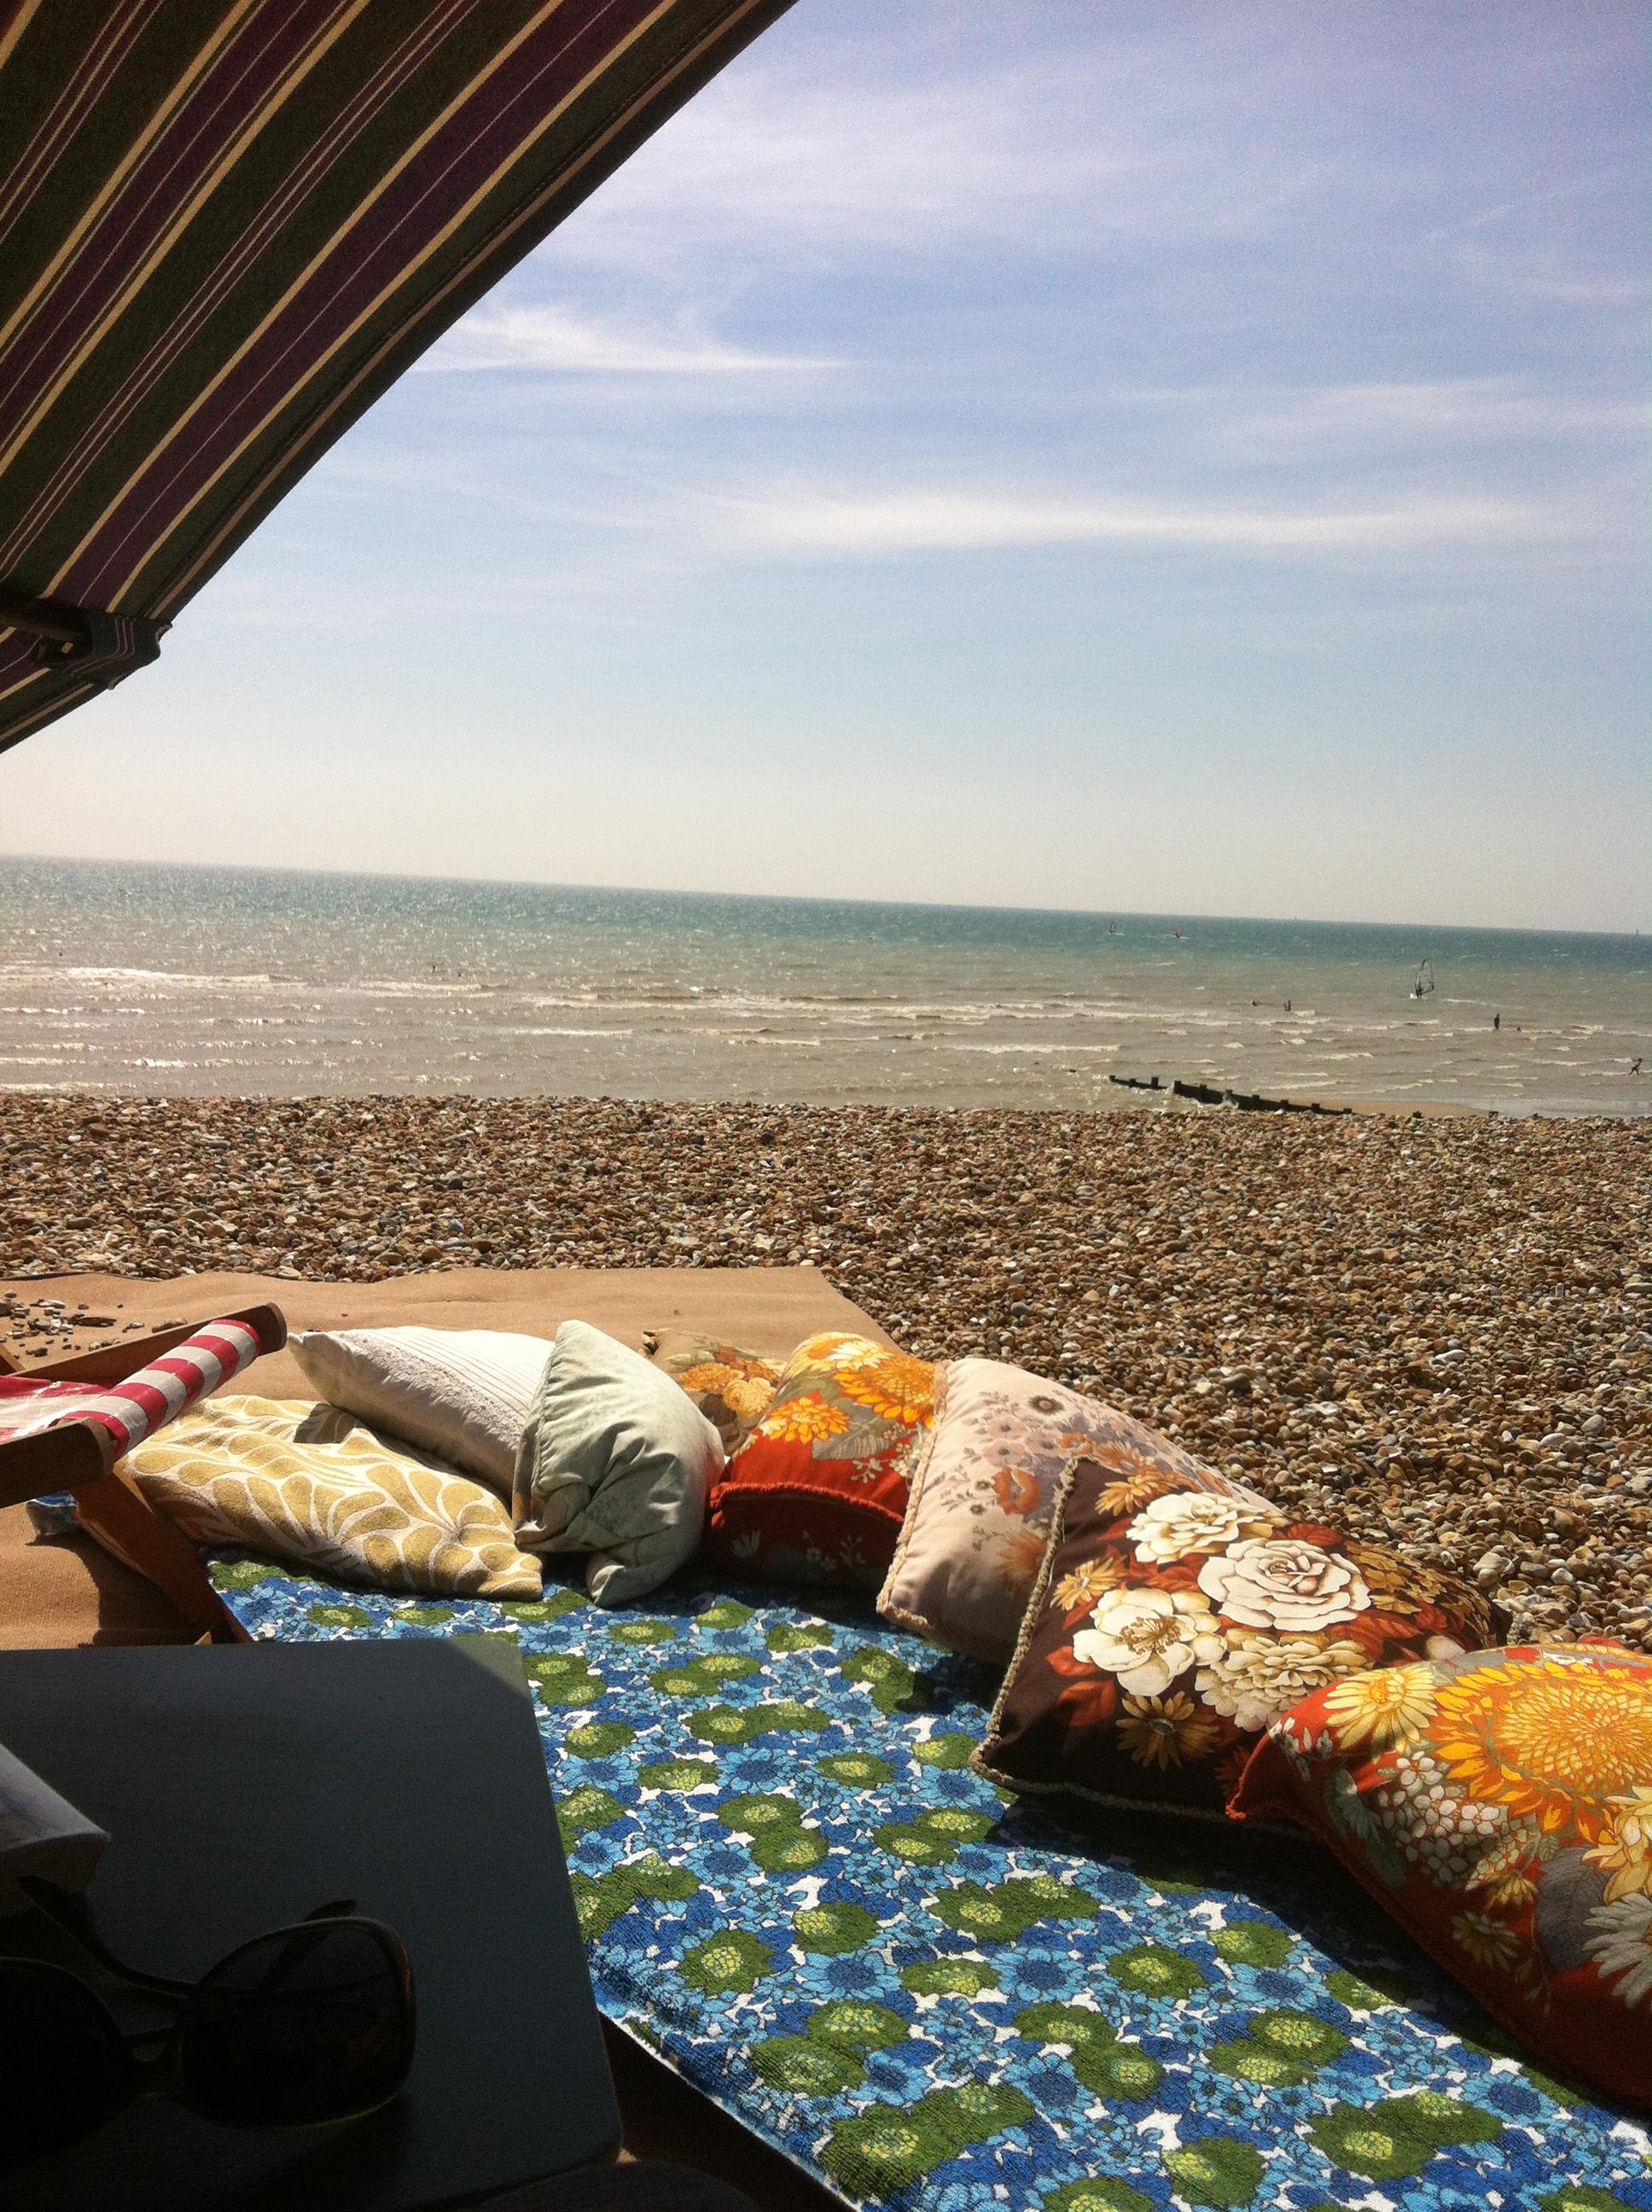 Holidaying at Home down at the Beach hut